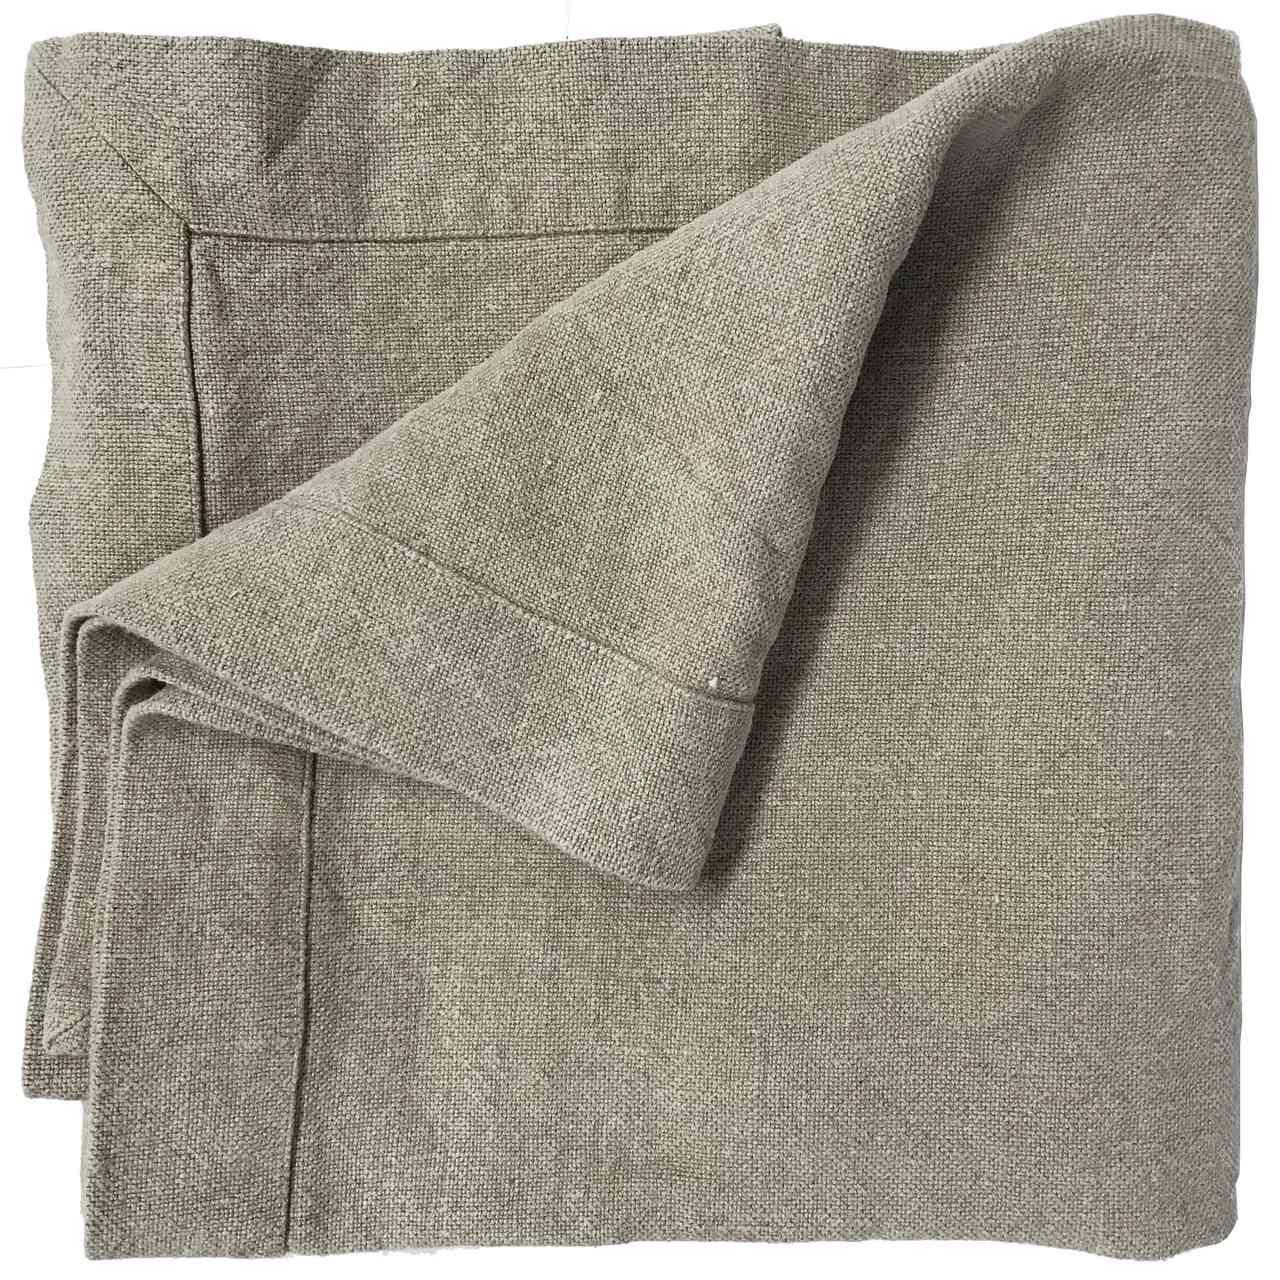 Linen Spa Towel